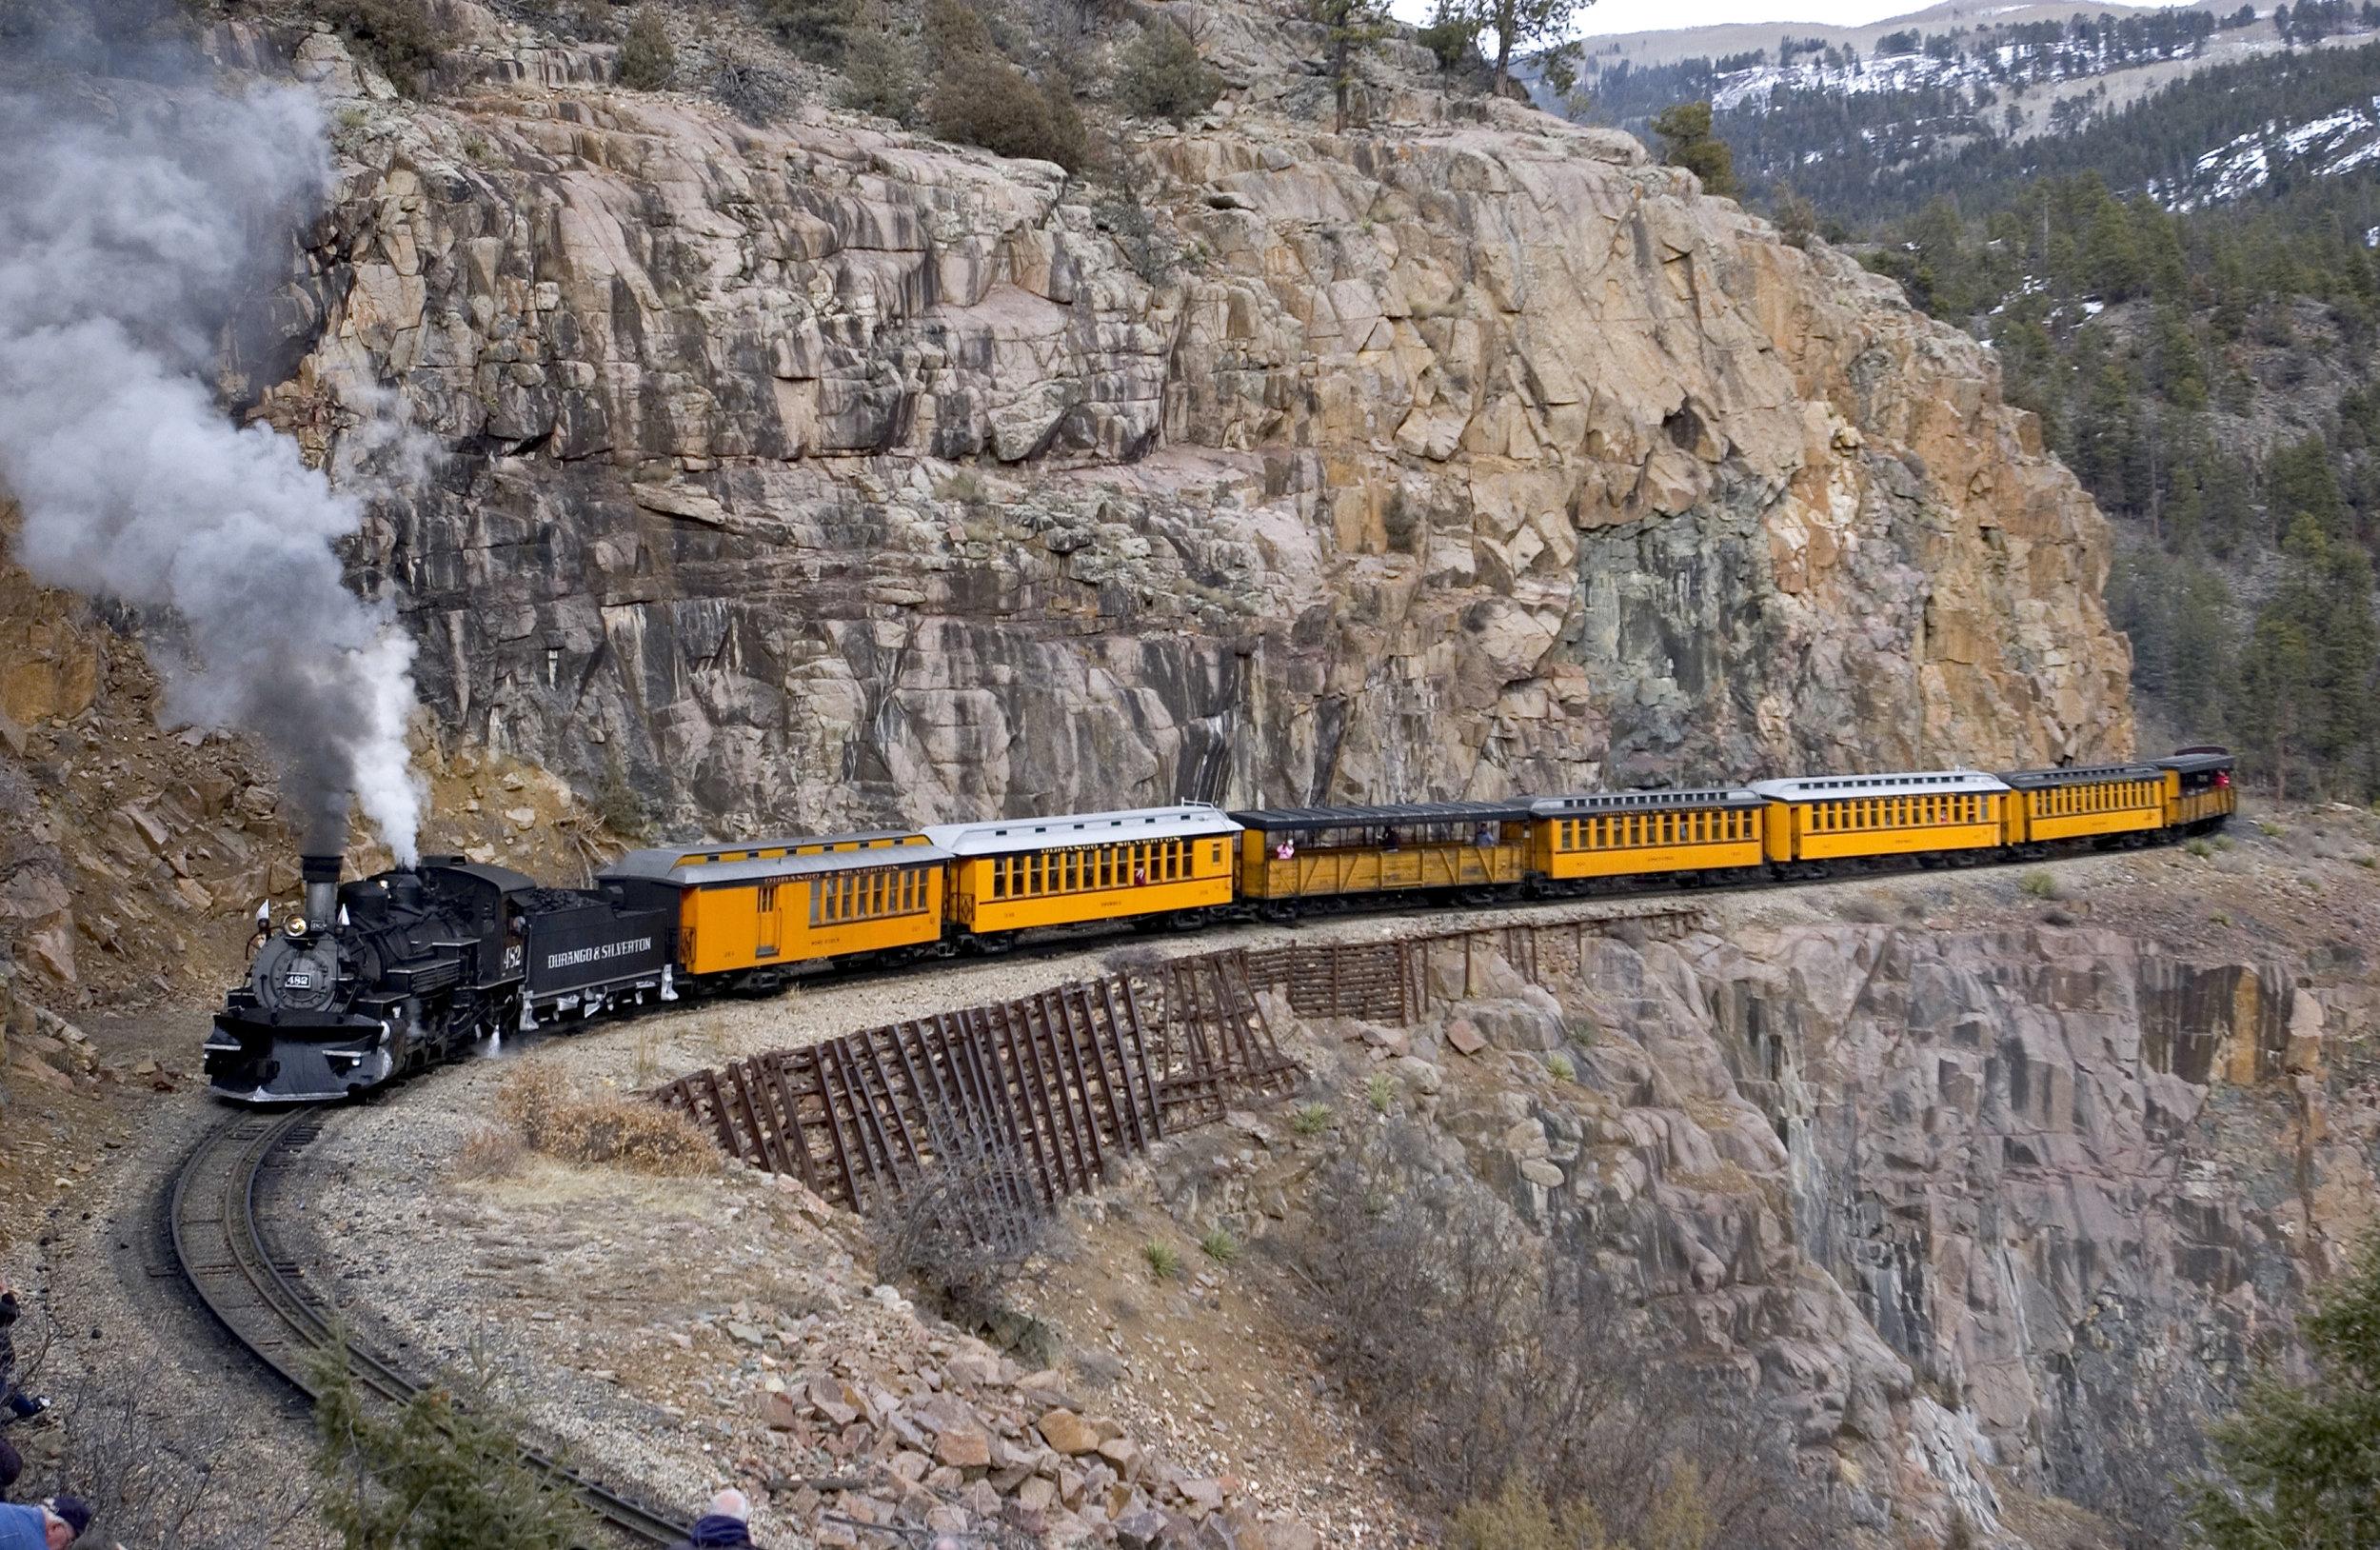 Image Source: Colorado Tourism